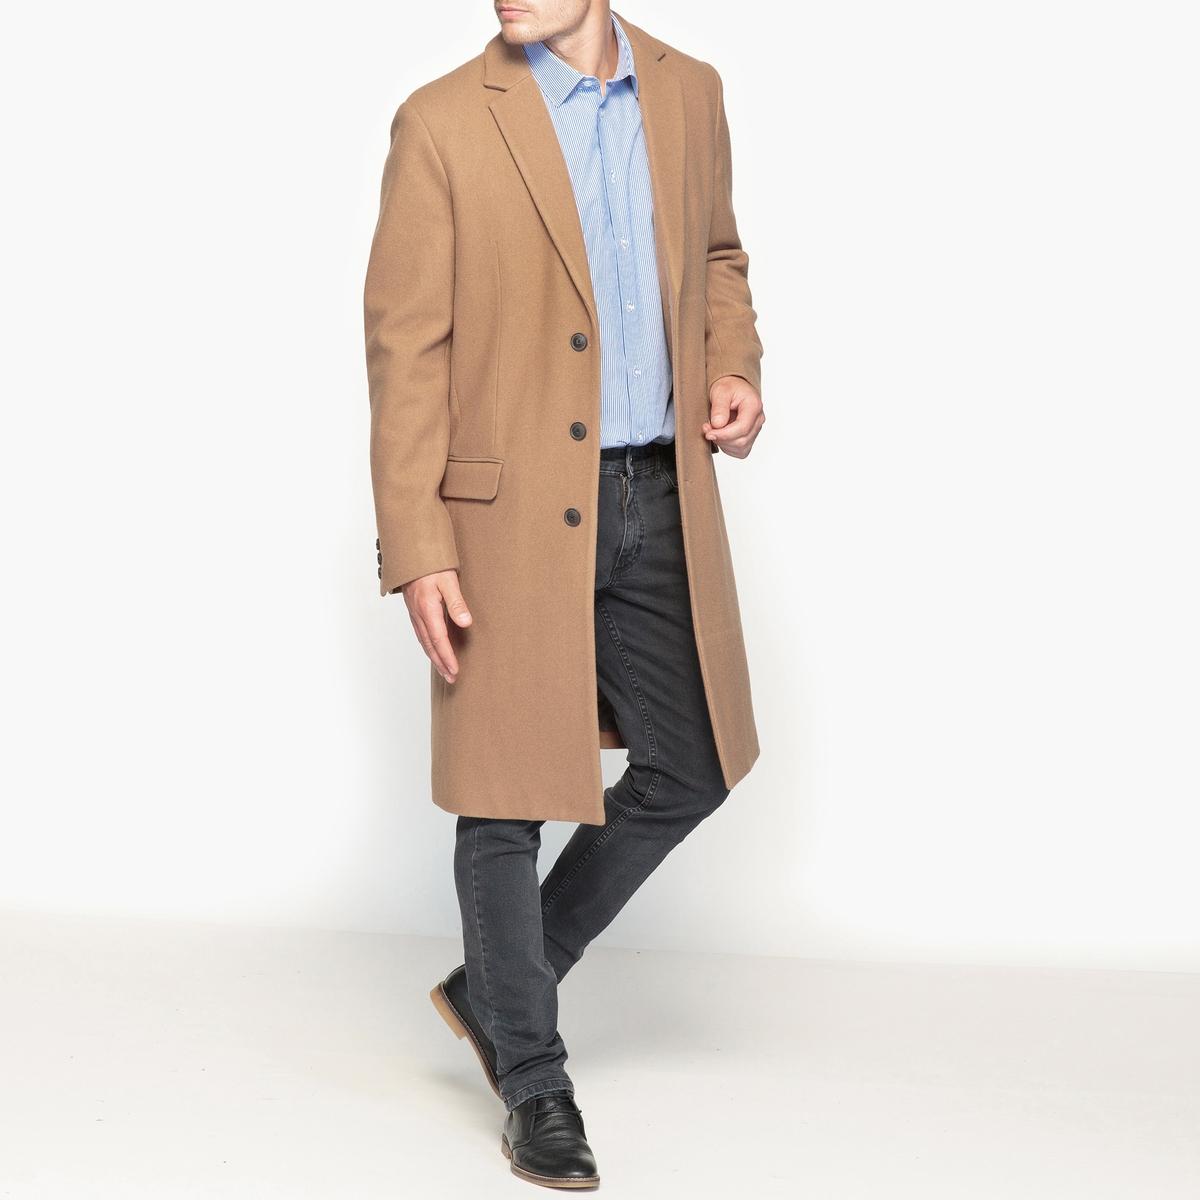 Пальто длинное из смесовой шерстяной ткани от La Redoute